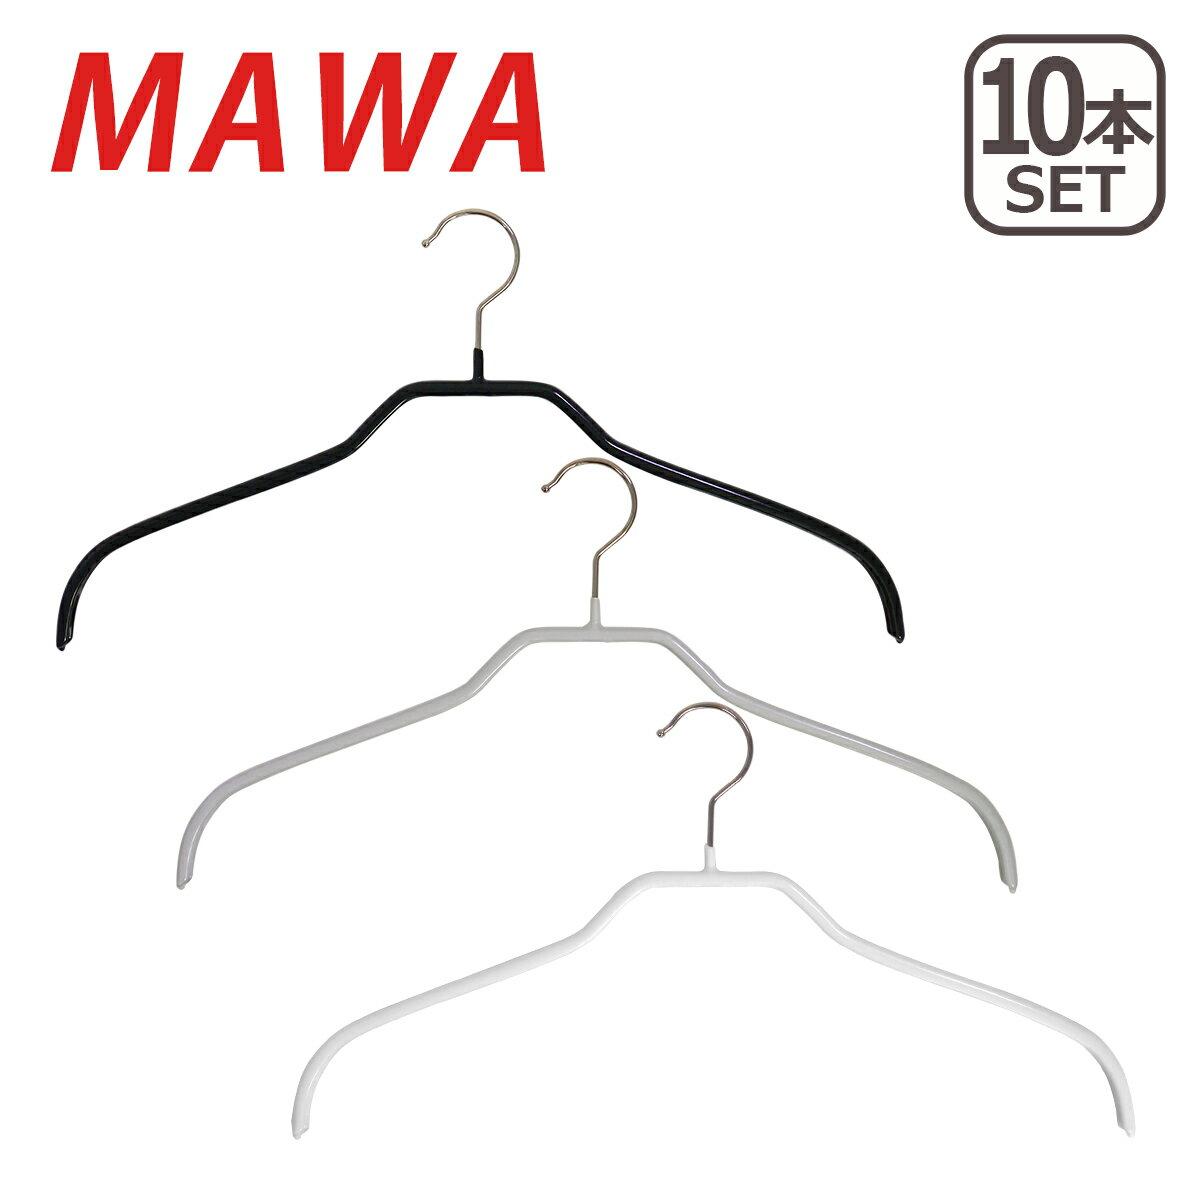 MAWAハンガー (マワハンガー)Silhouette/F ×10本セット ドイツ発!すべらないハンガー 41F 03210 選べるカラー(ブラック・シルバー・ホワイト) シルエット スリム